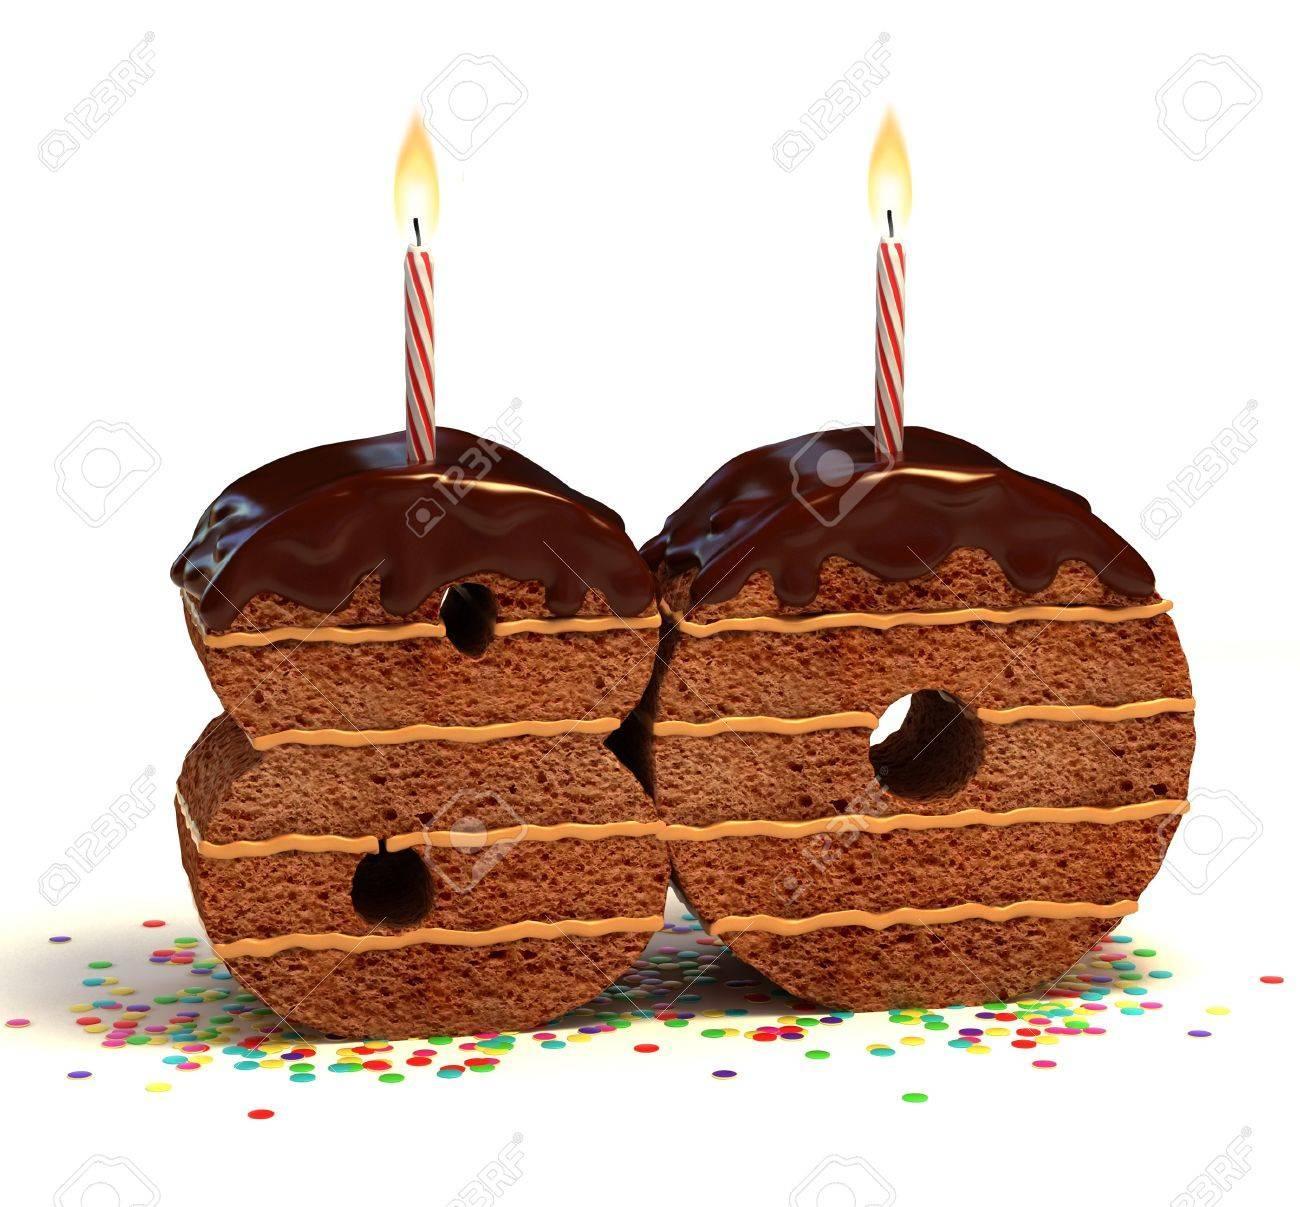 Chocolate Birthday Cake Von Konfetti Umgeben Mit Brennenden Kerze Fur Einen 80 Geburtstag Oder Jubilaum